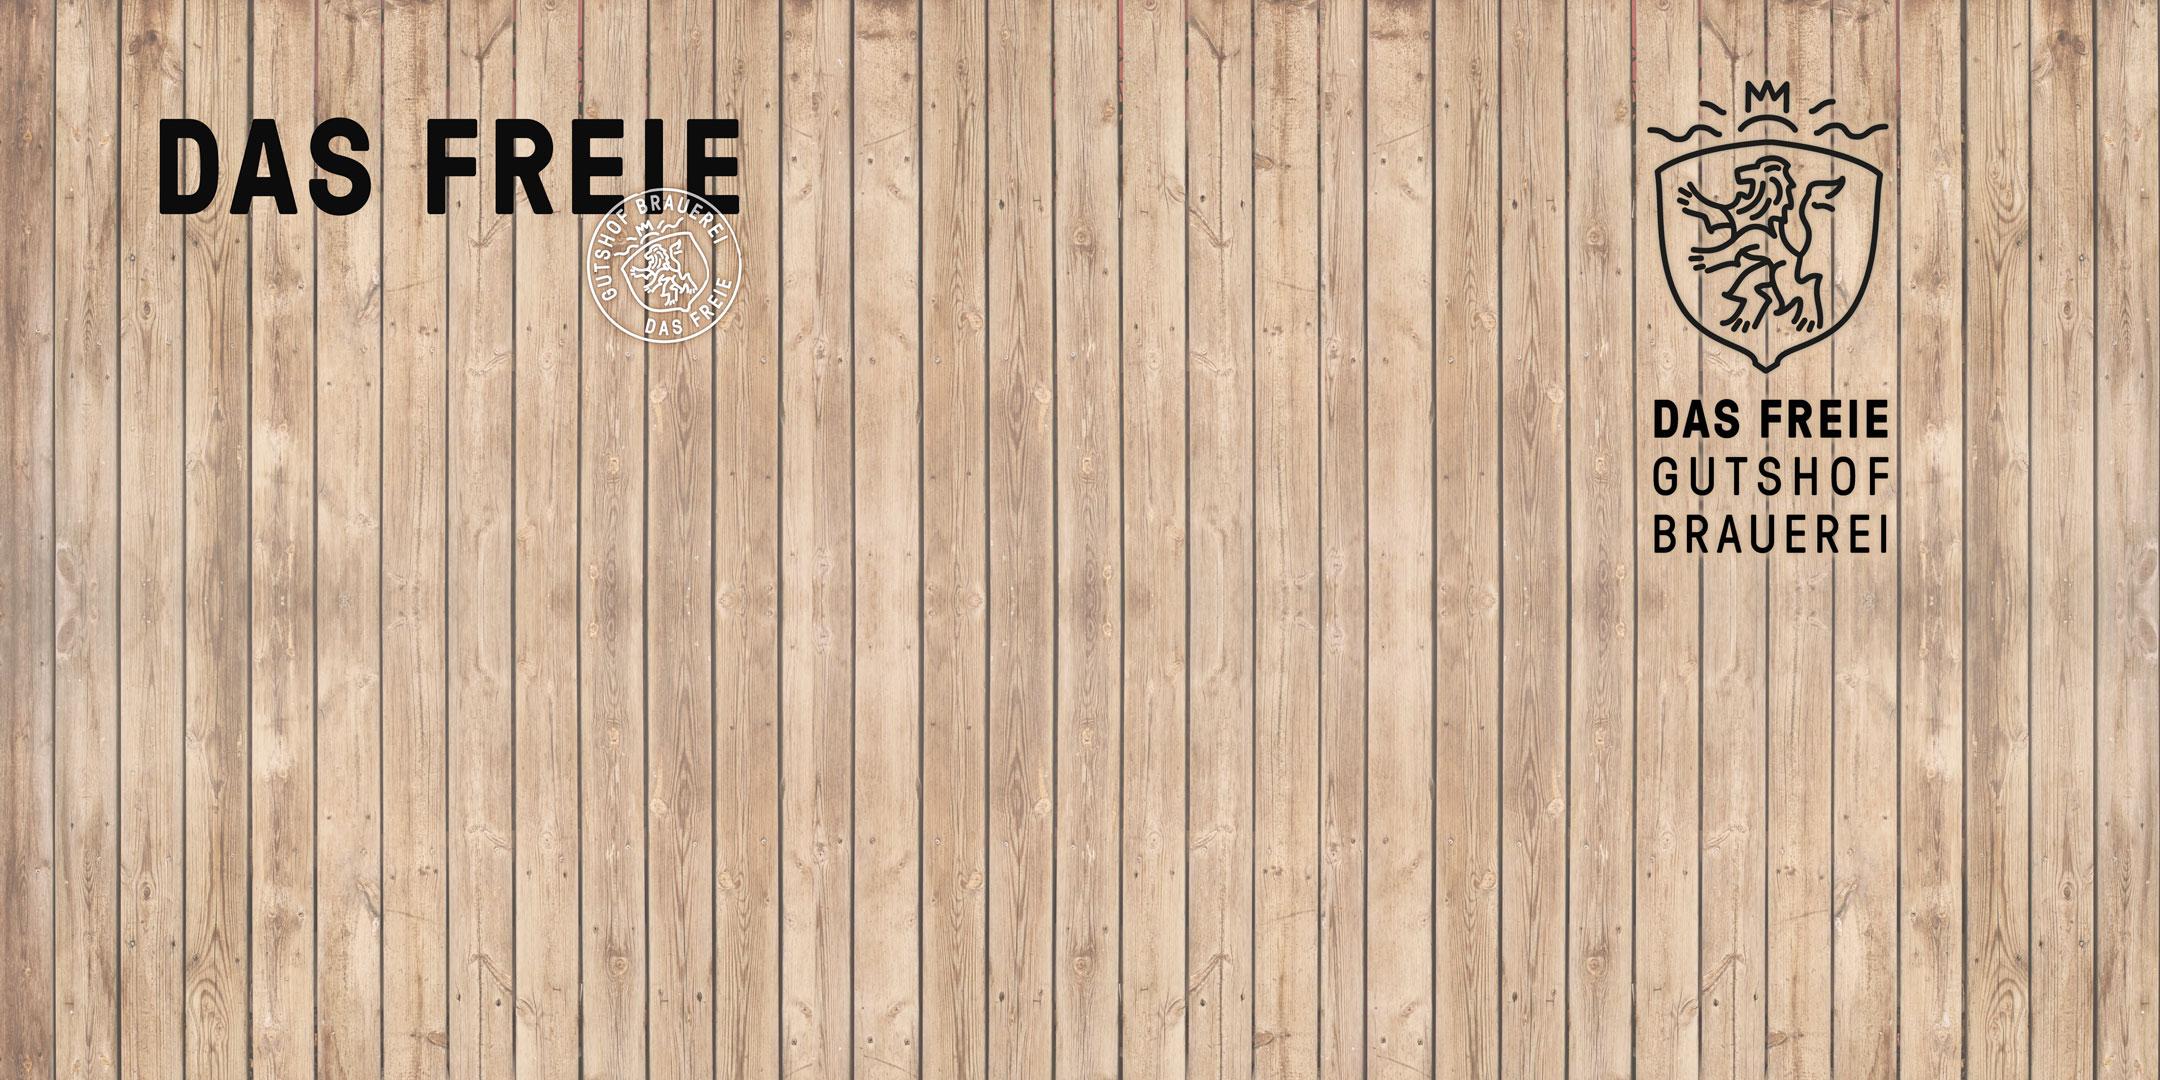 Background_Das_Freie_Beershop